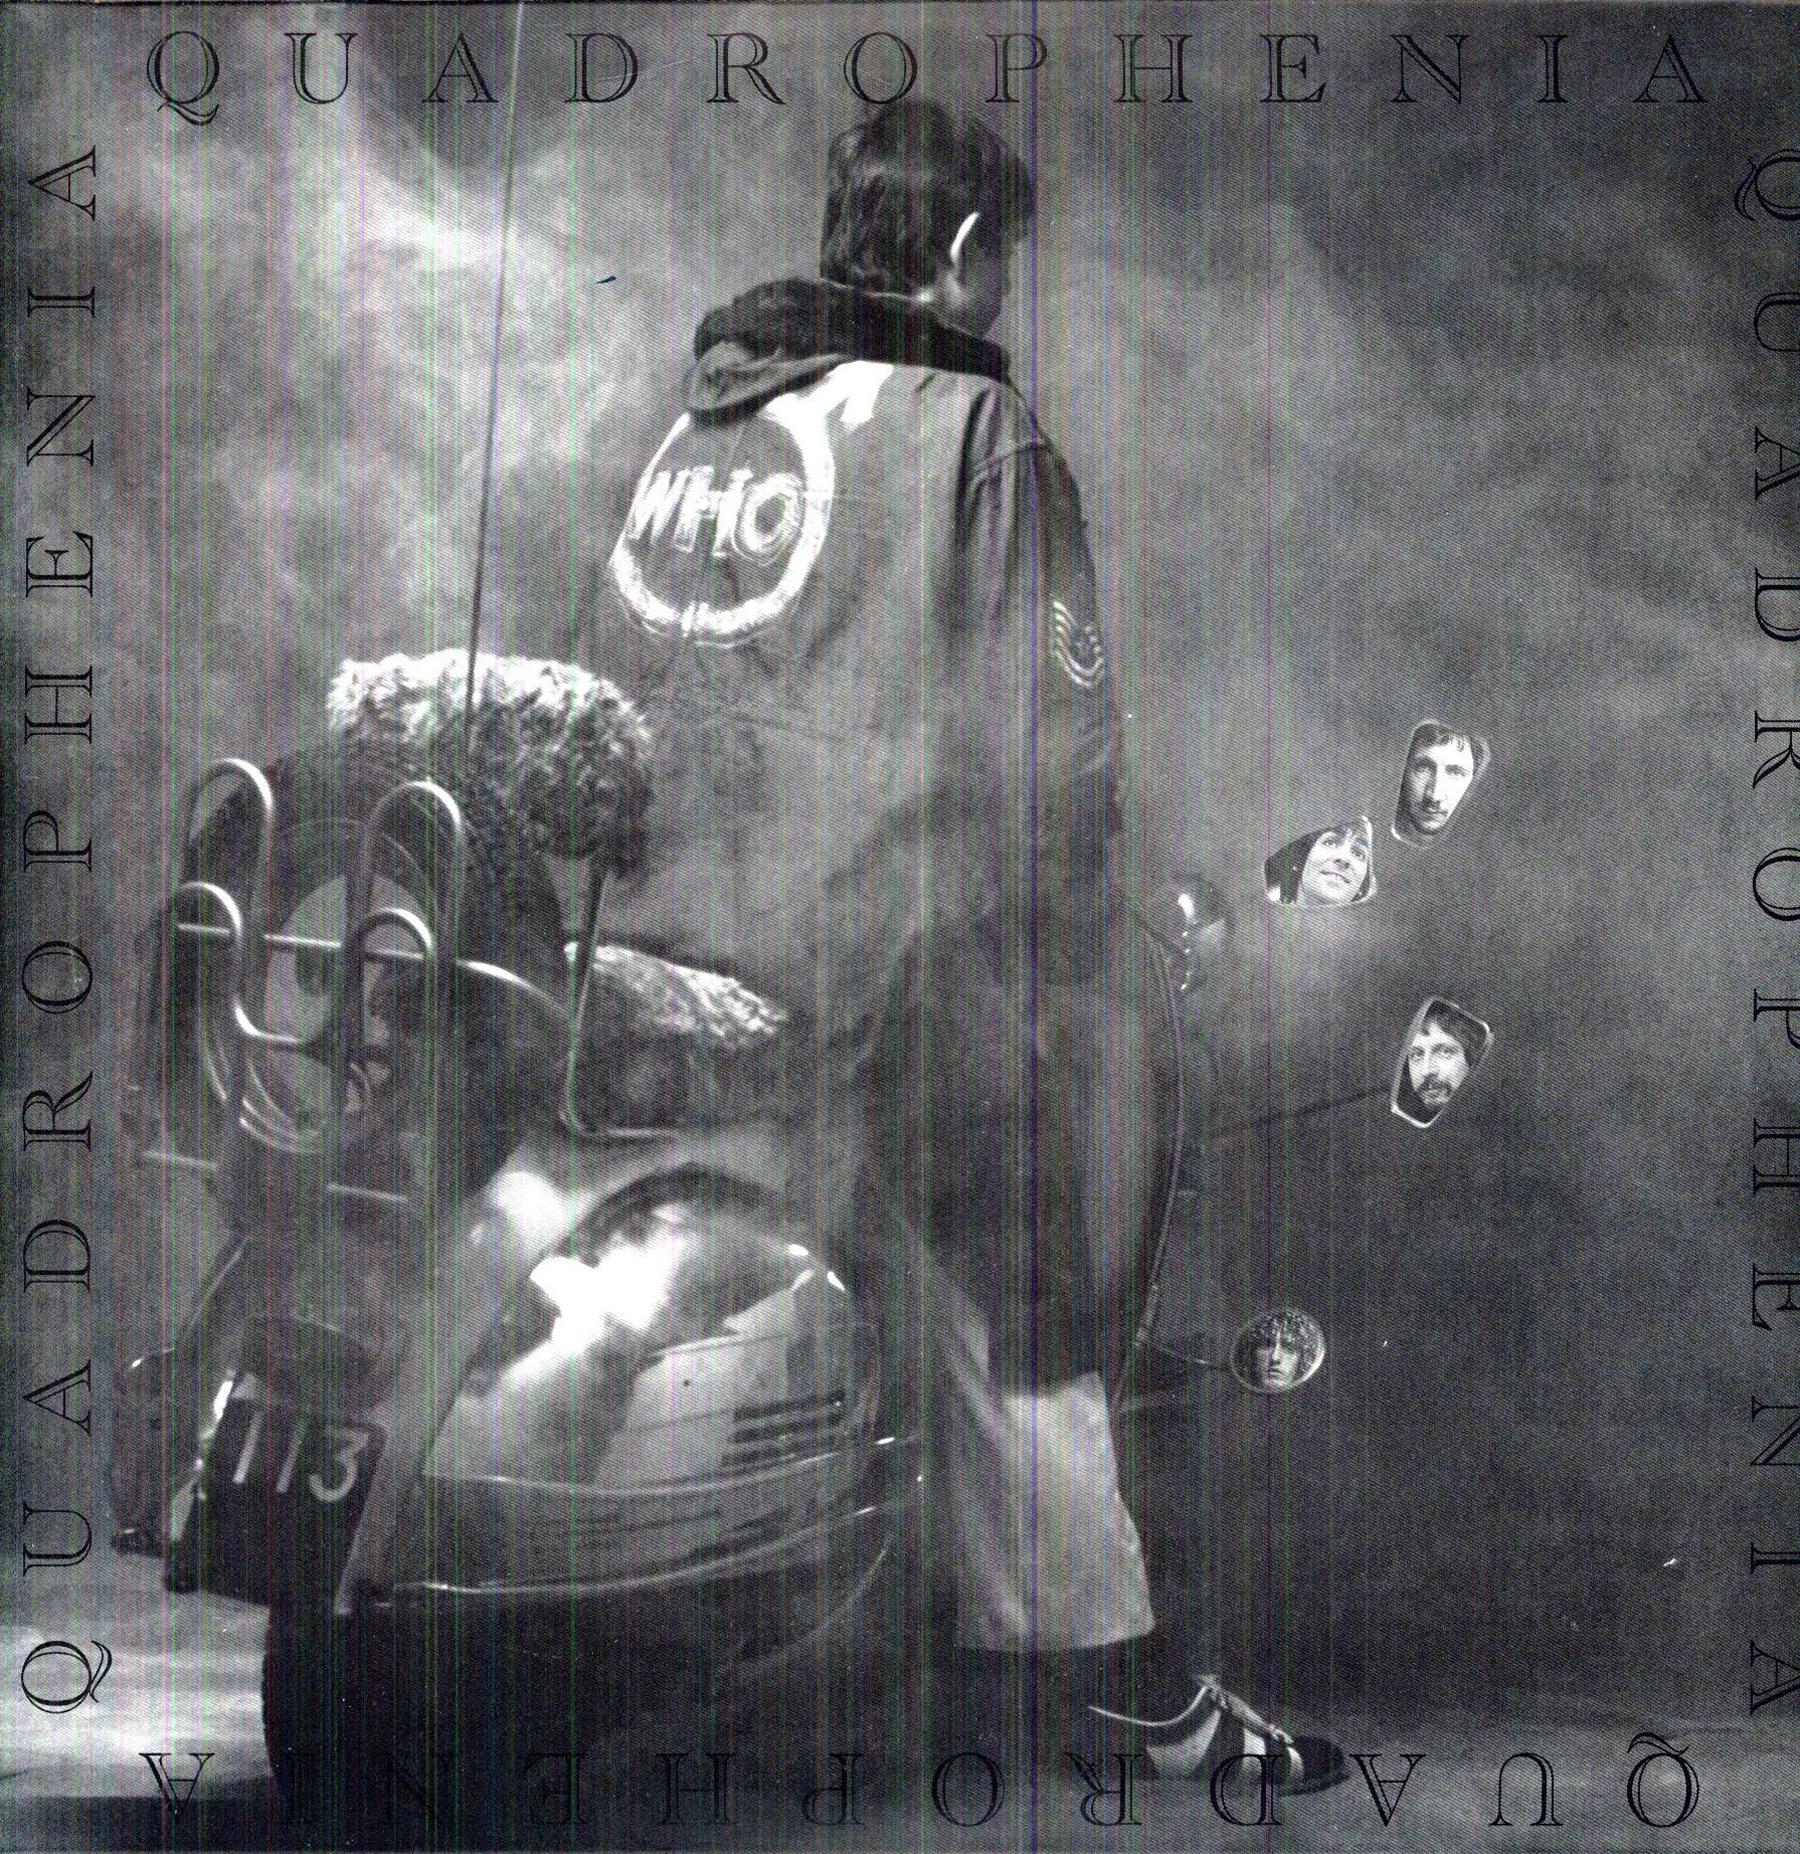 Quadrophenia (1973) Album Artwork